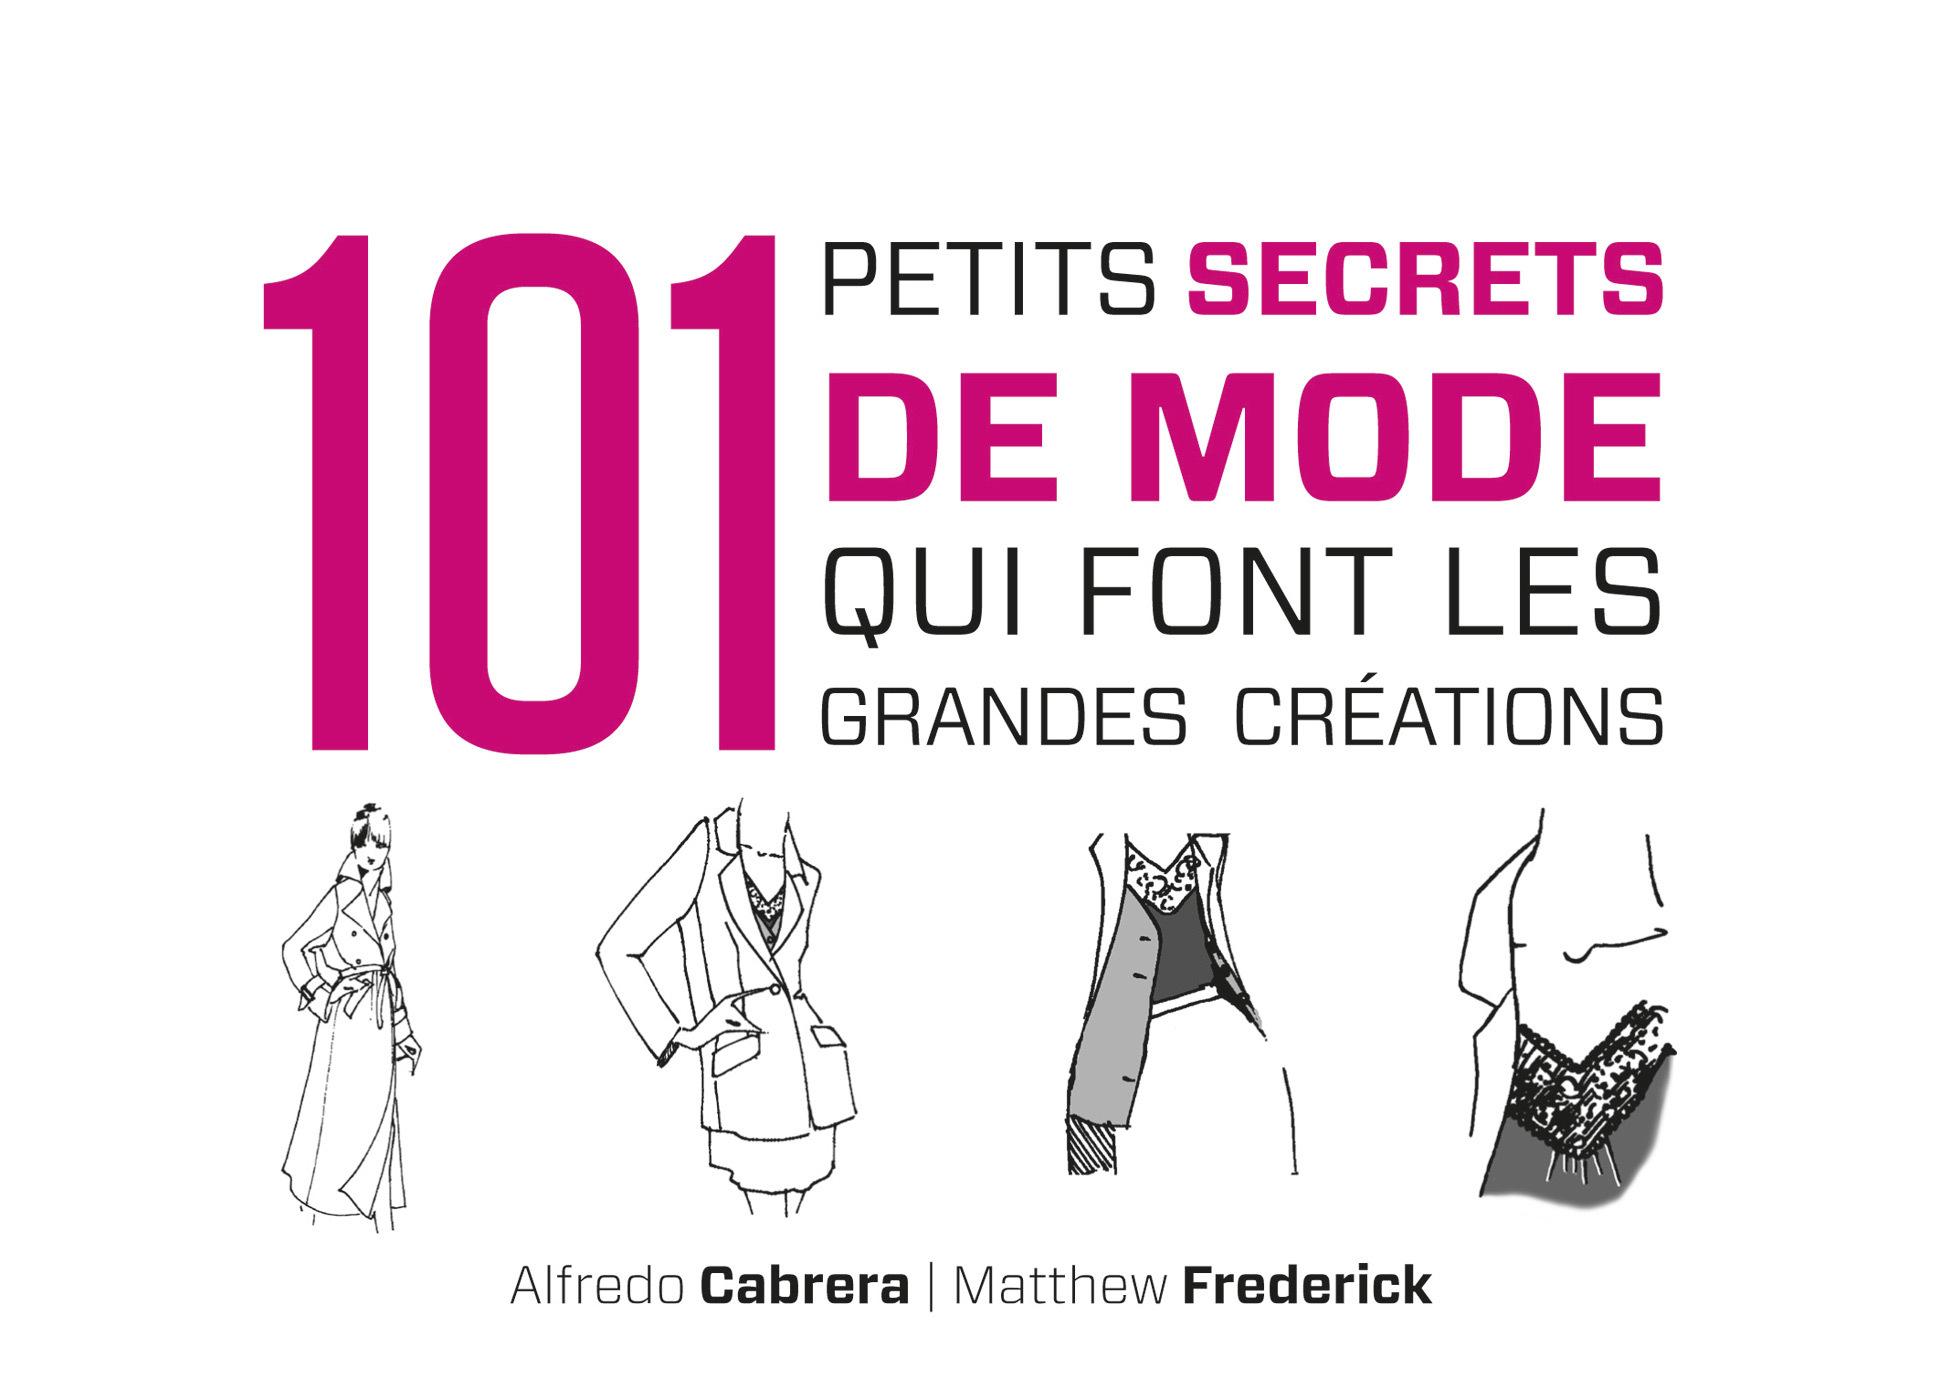 101 PETITS SECRETS DE MODE QUI FONT LES GRANDES CREATIONS